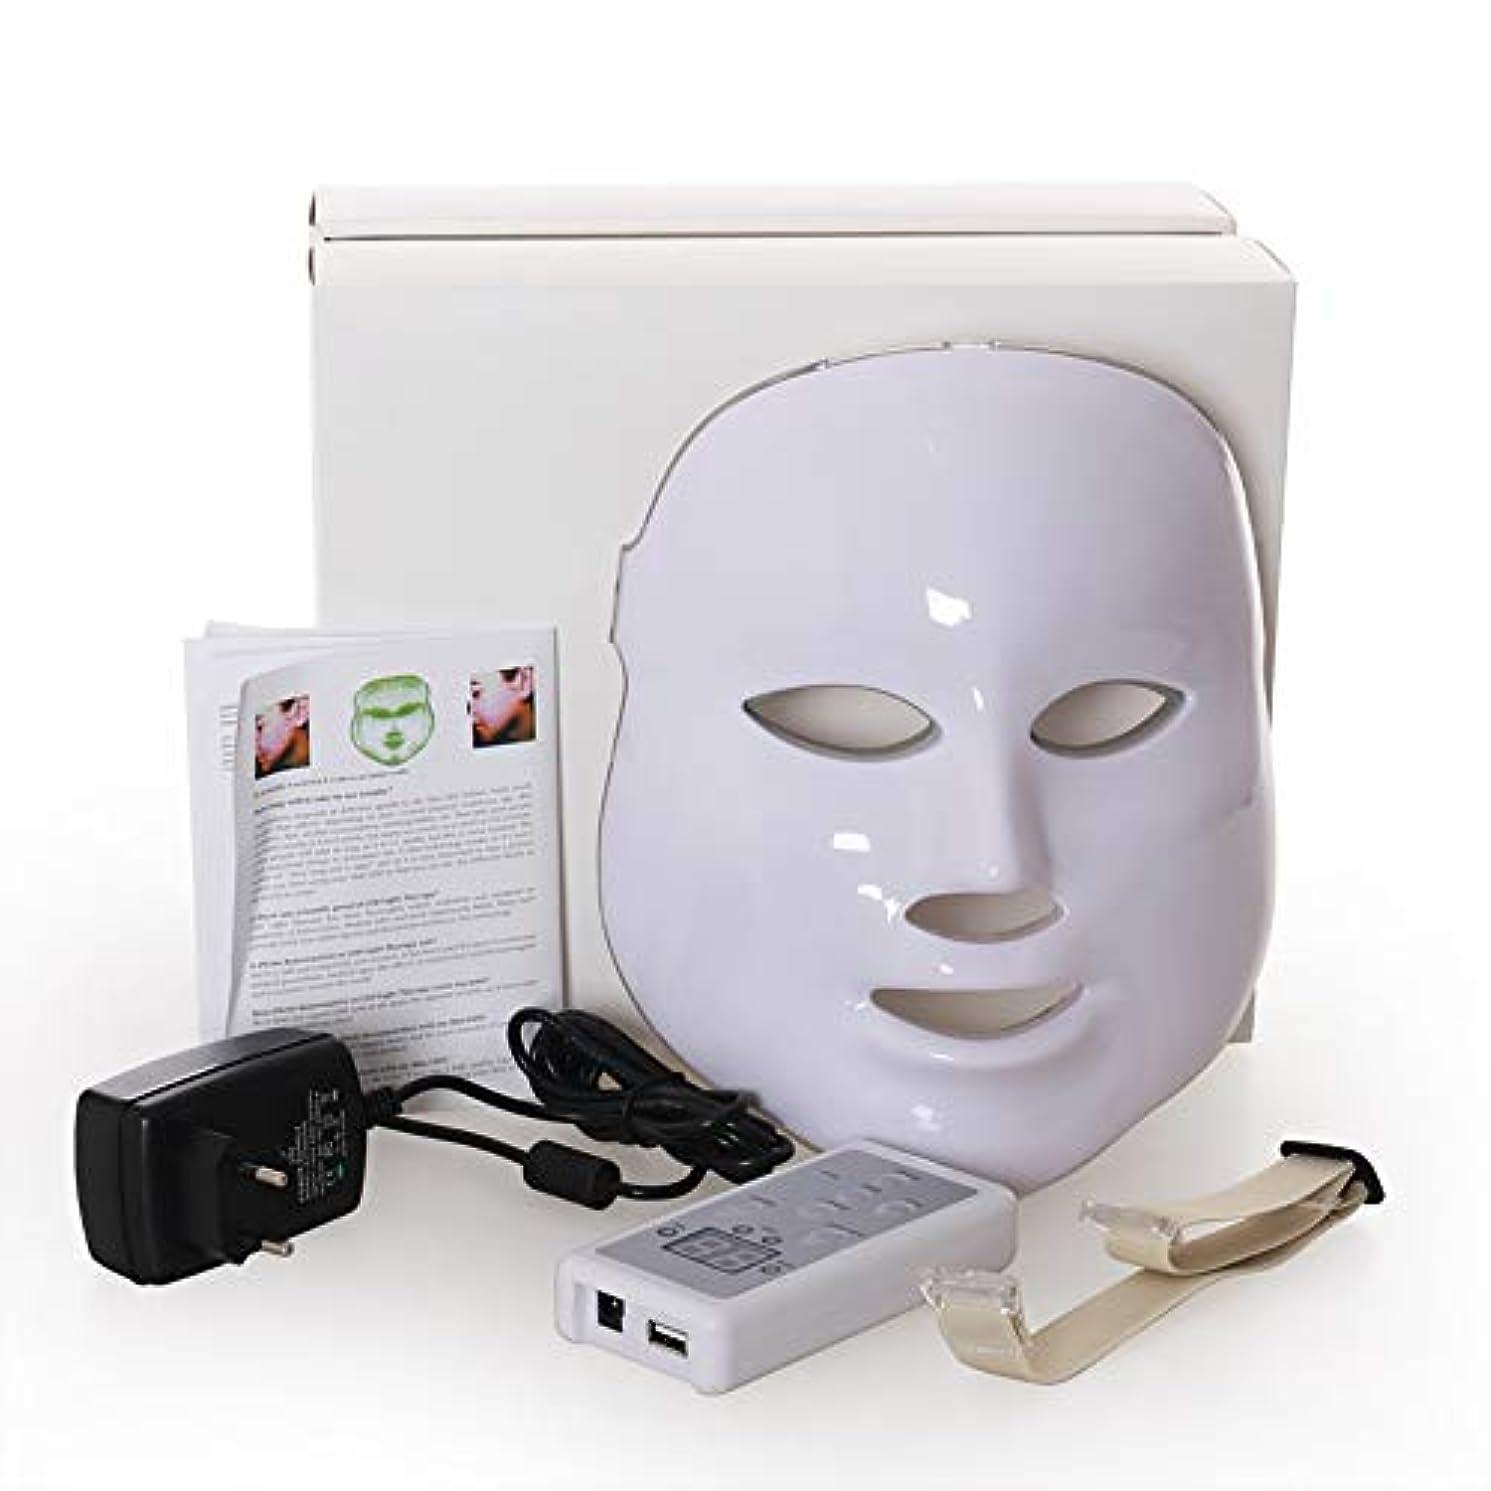 溝並外れた一時停止Led のマスク、7色はしわ、にきび及び健康な皮の若返りのコラーゲン、反老化の美のマスクのための軽い療法の顔のスキンケアのマスクを導きました